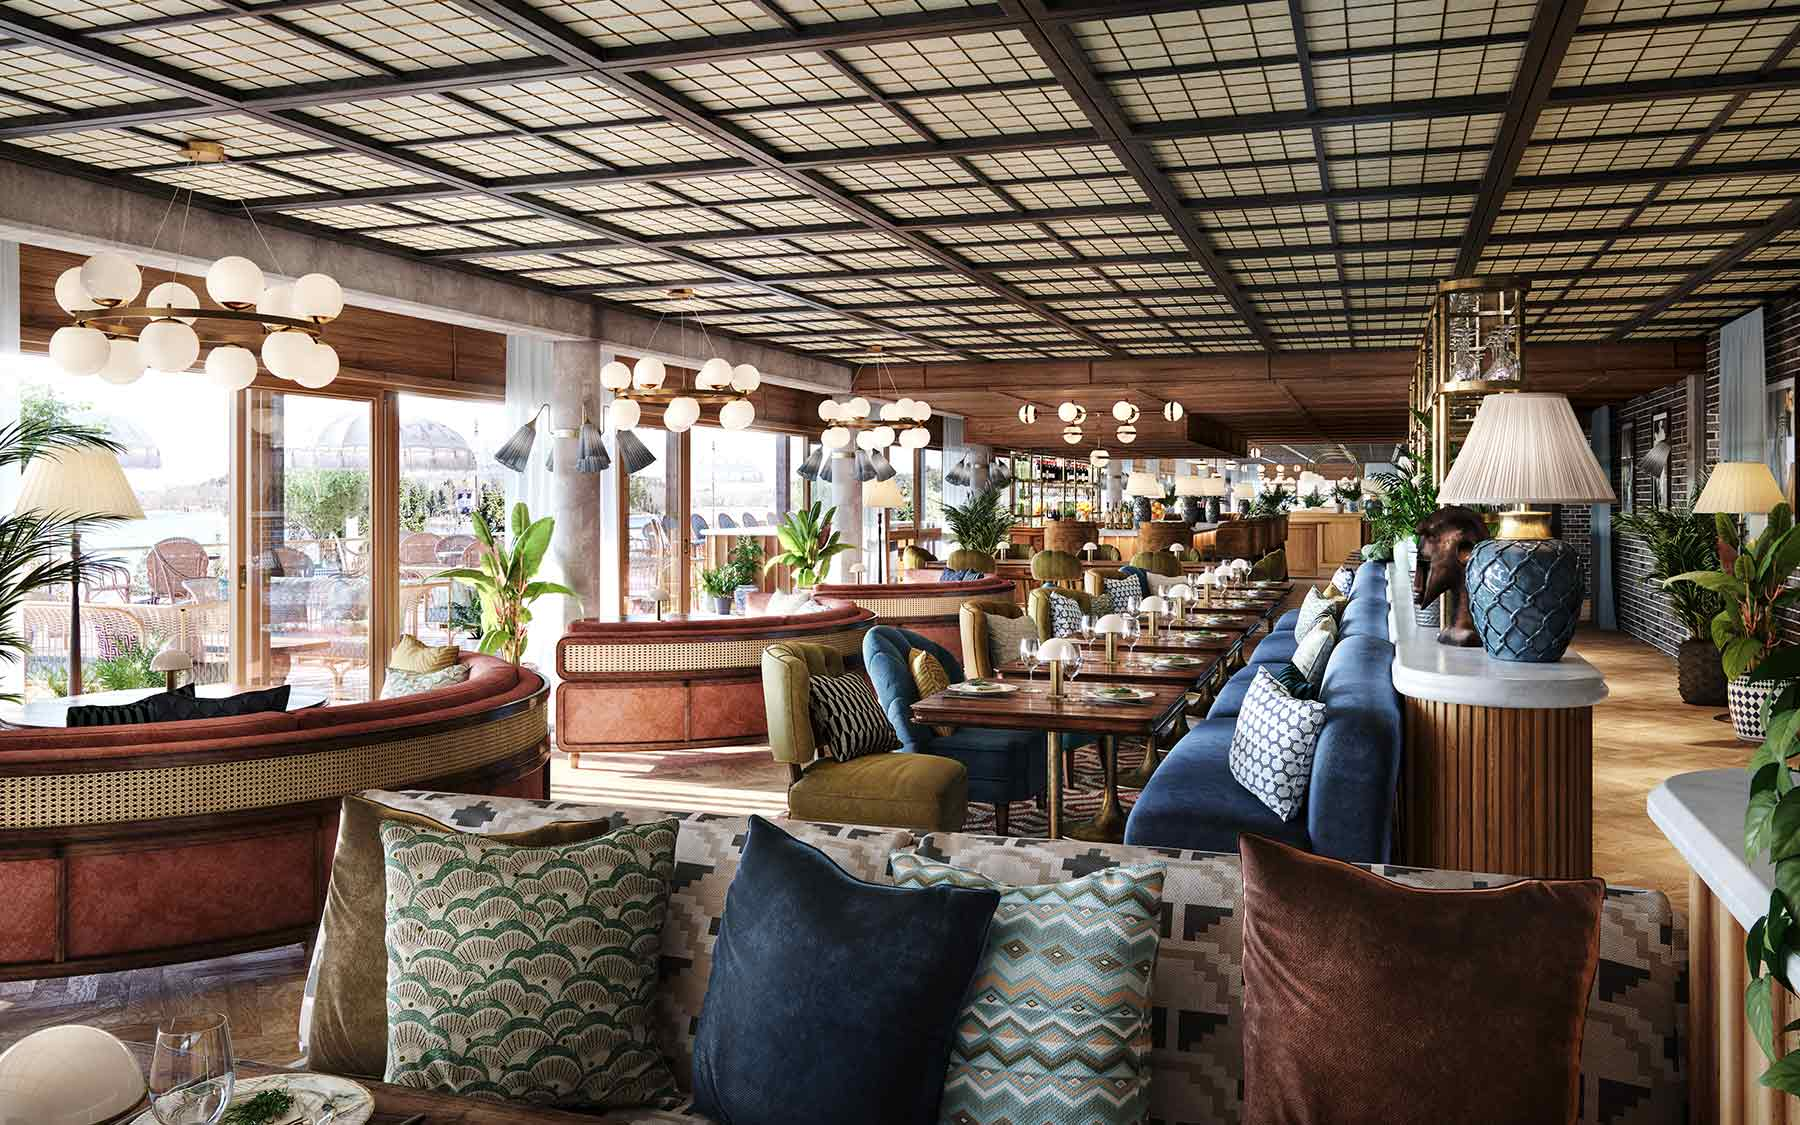 Ellery Beach House Stockholm. 3D rendering av lounge miljö med utsikt över strand och hav.